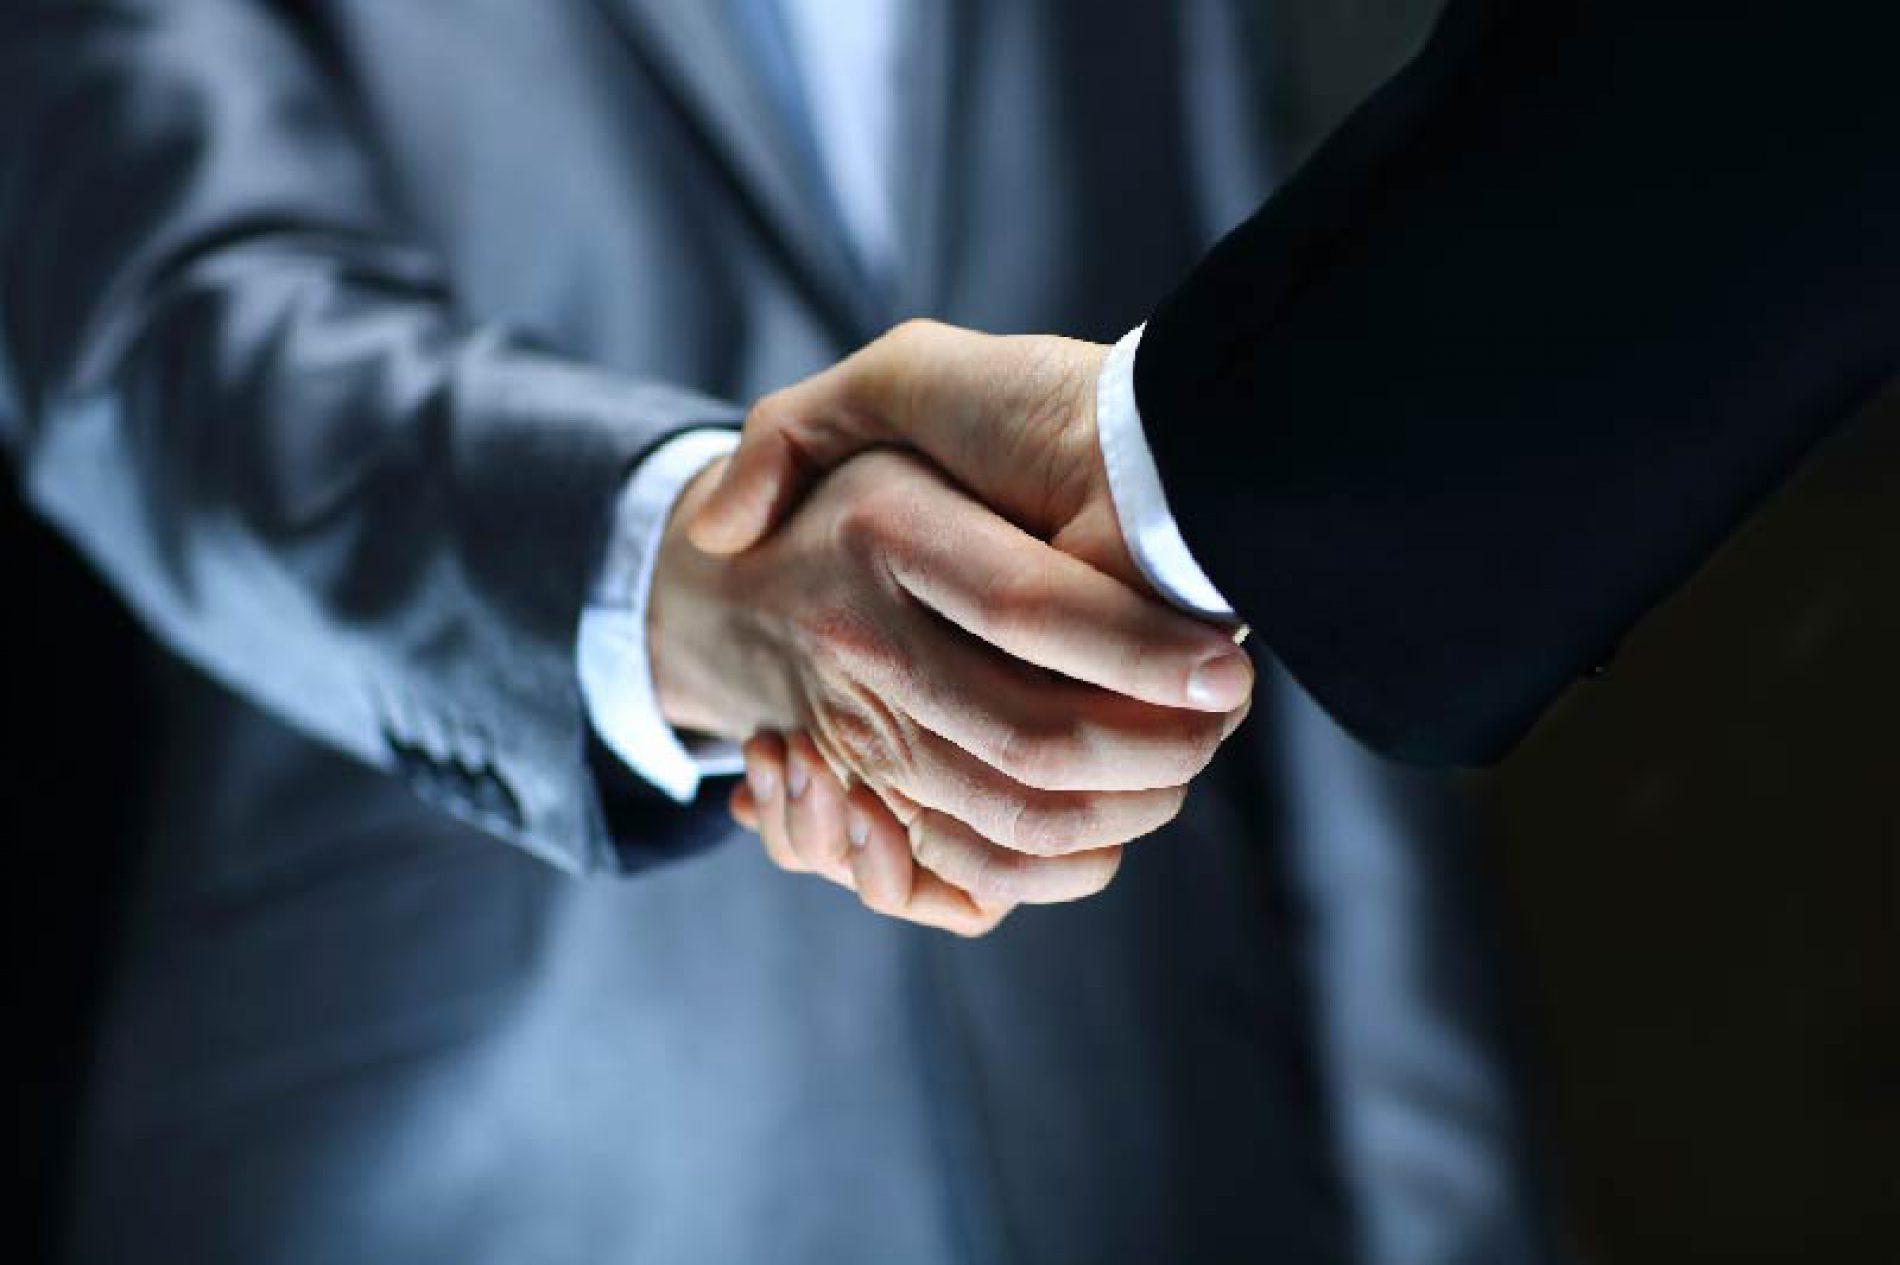 Verbali di conciliazione in sede protetta: sono sempre inoppugnabili? [E. Massi]